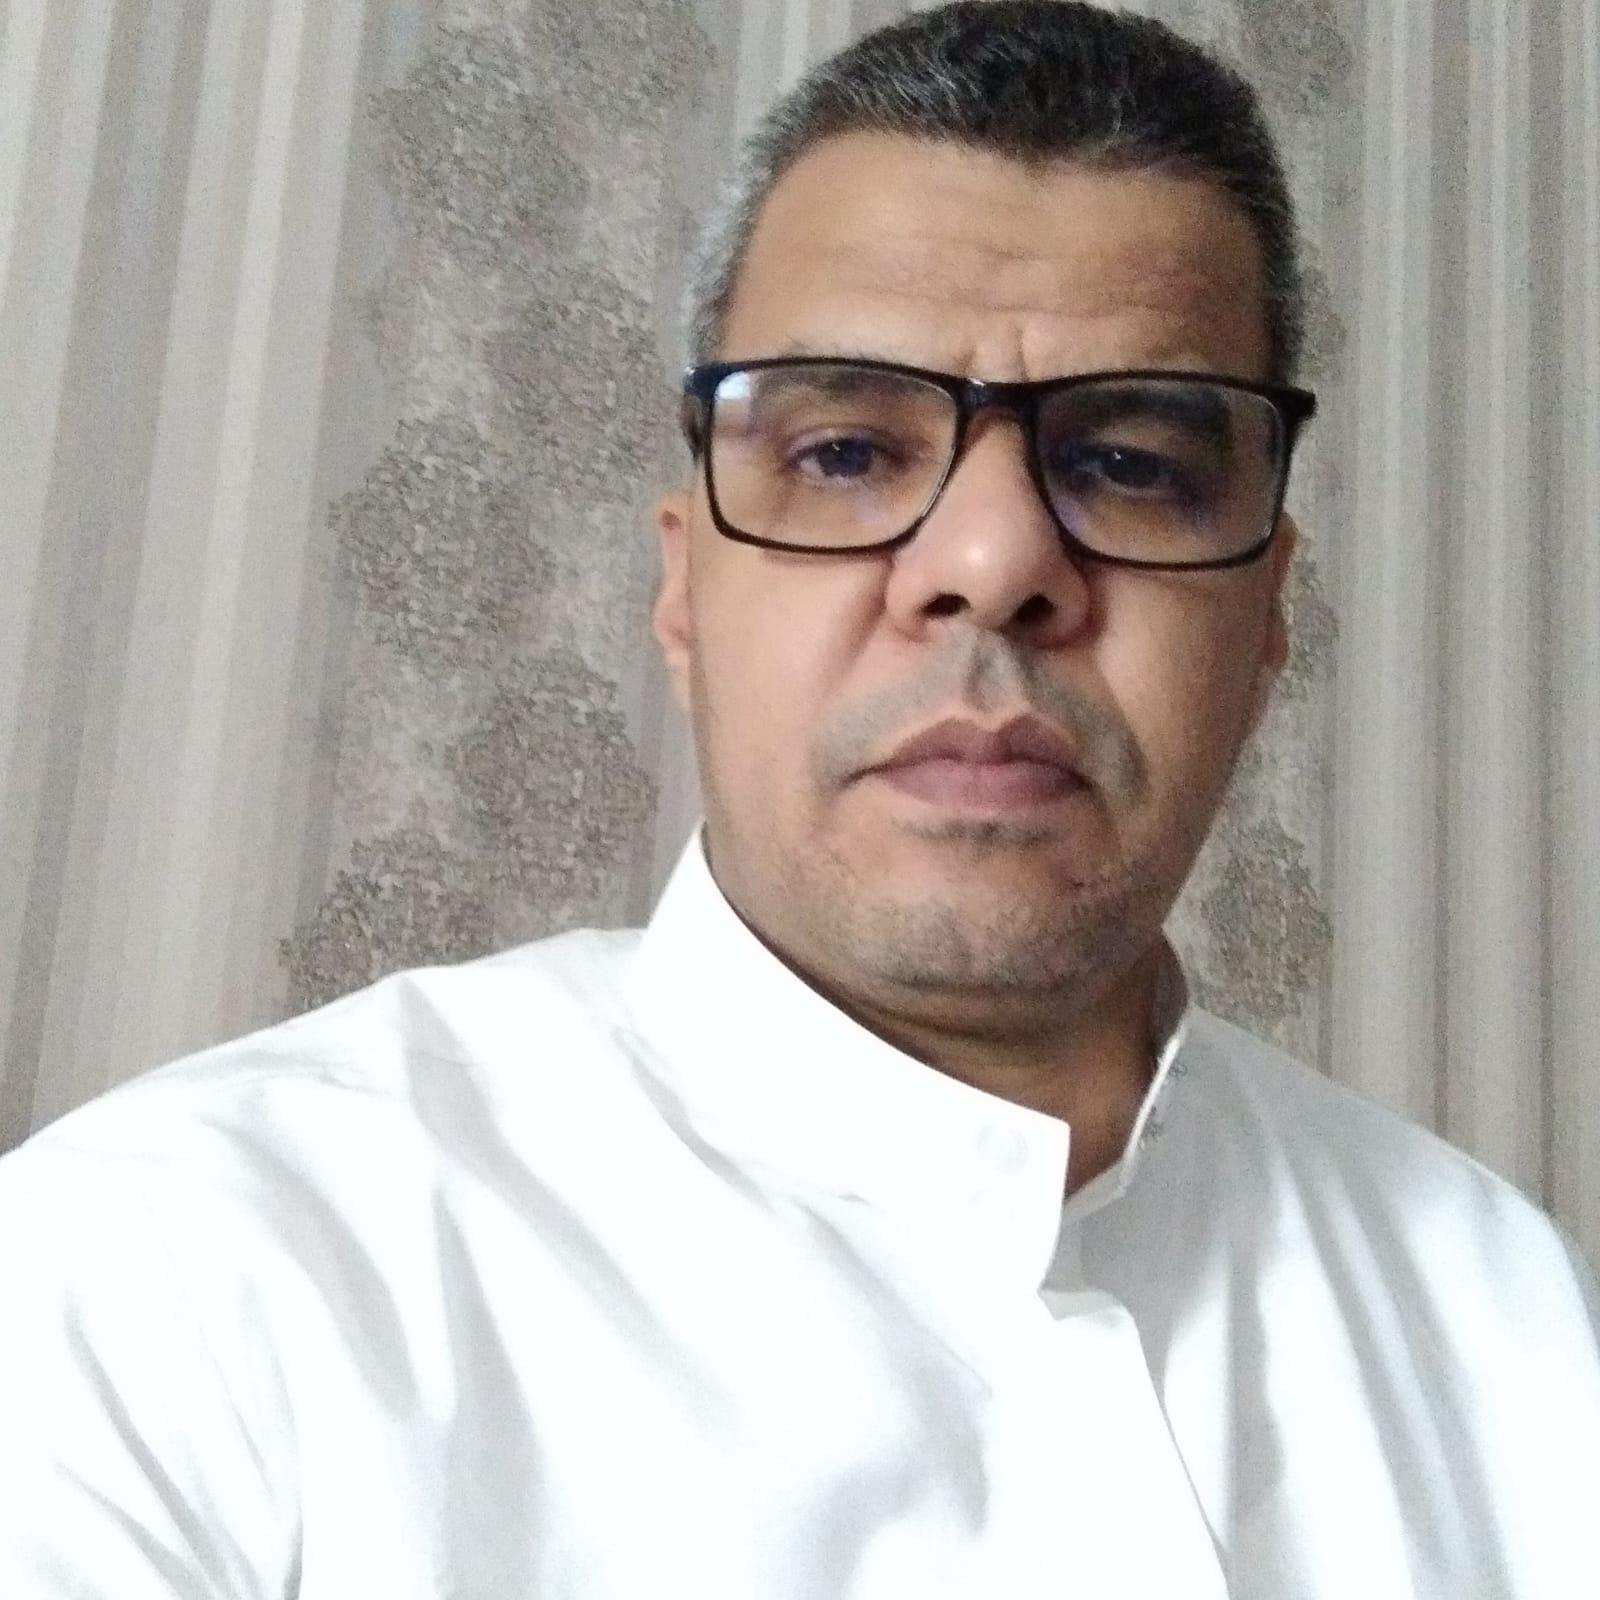 عبد الرحمن امبيريك